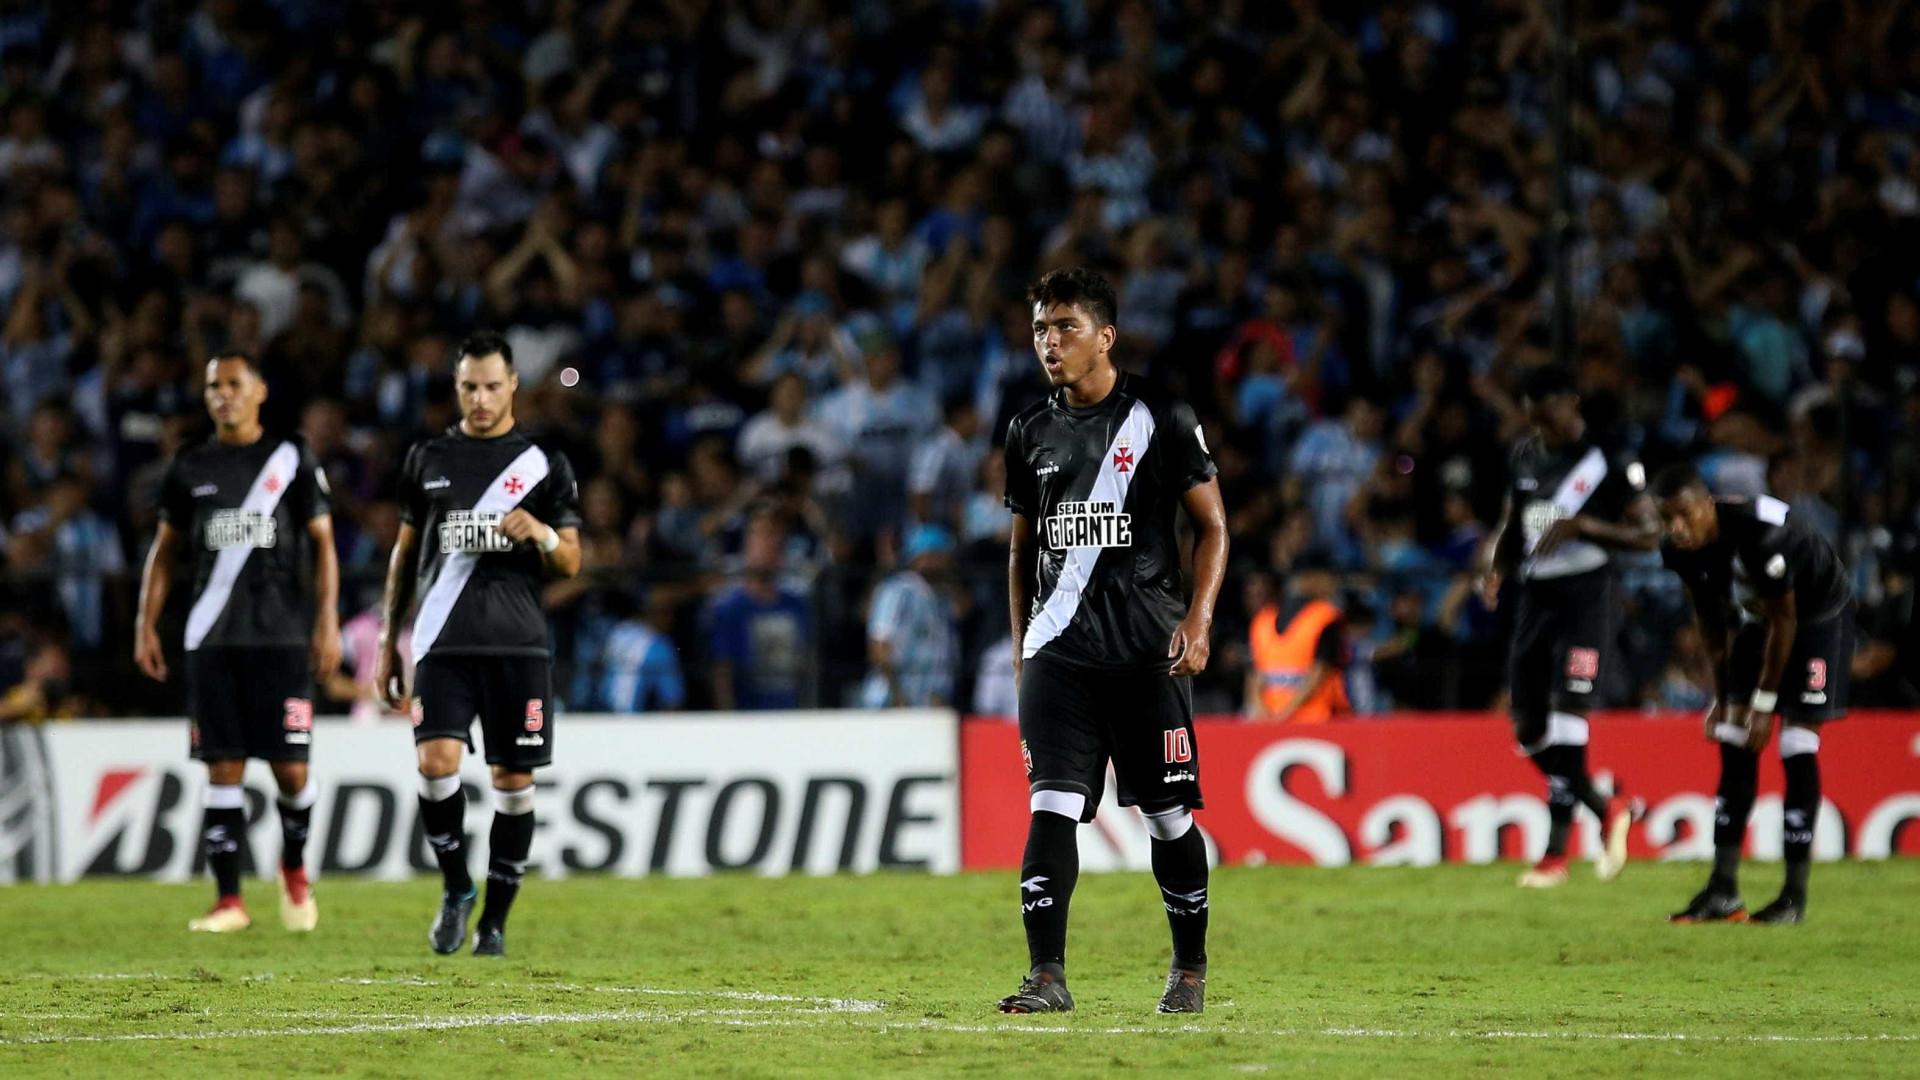 Aumentam atos racistas contra brasileiros em torneios sul-americanos